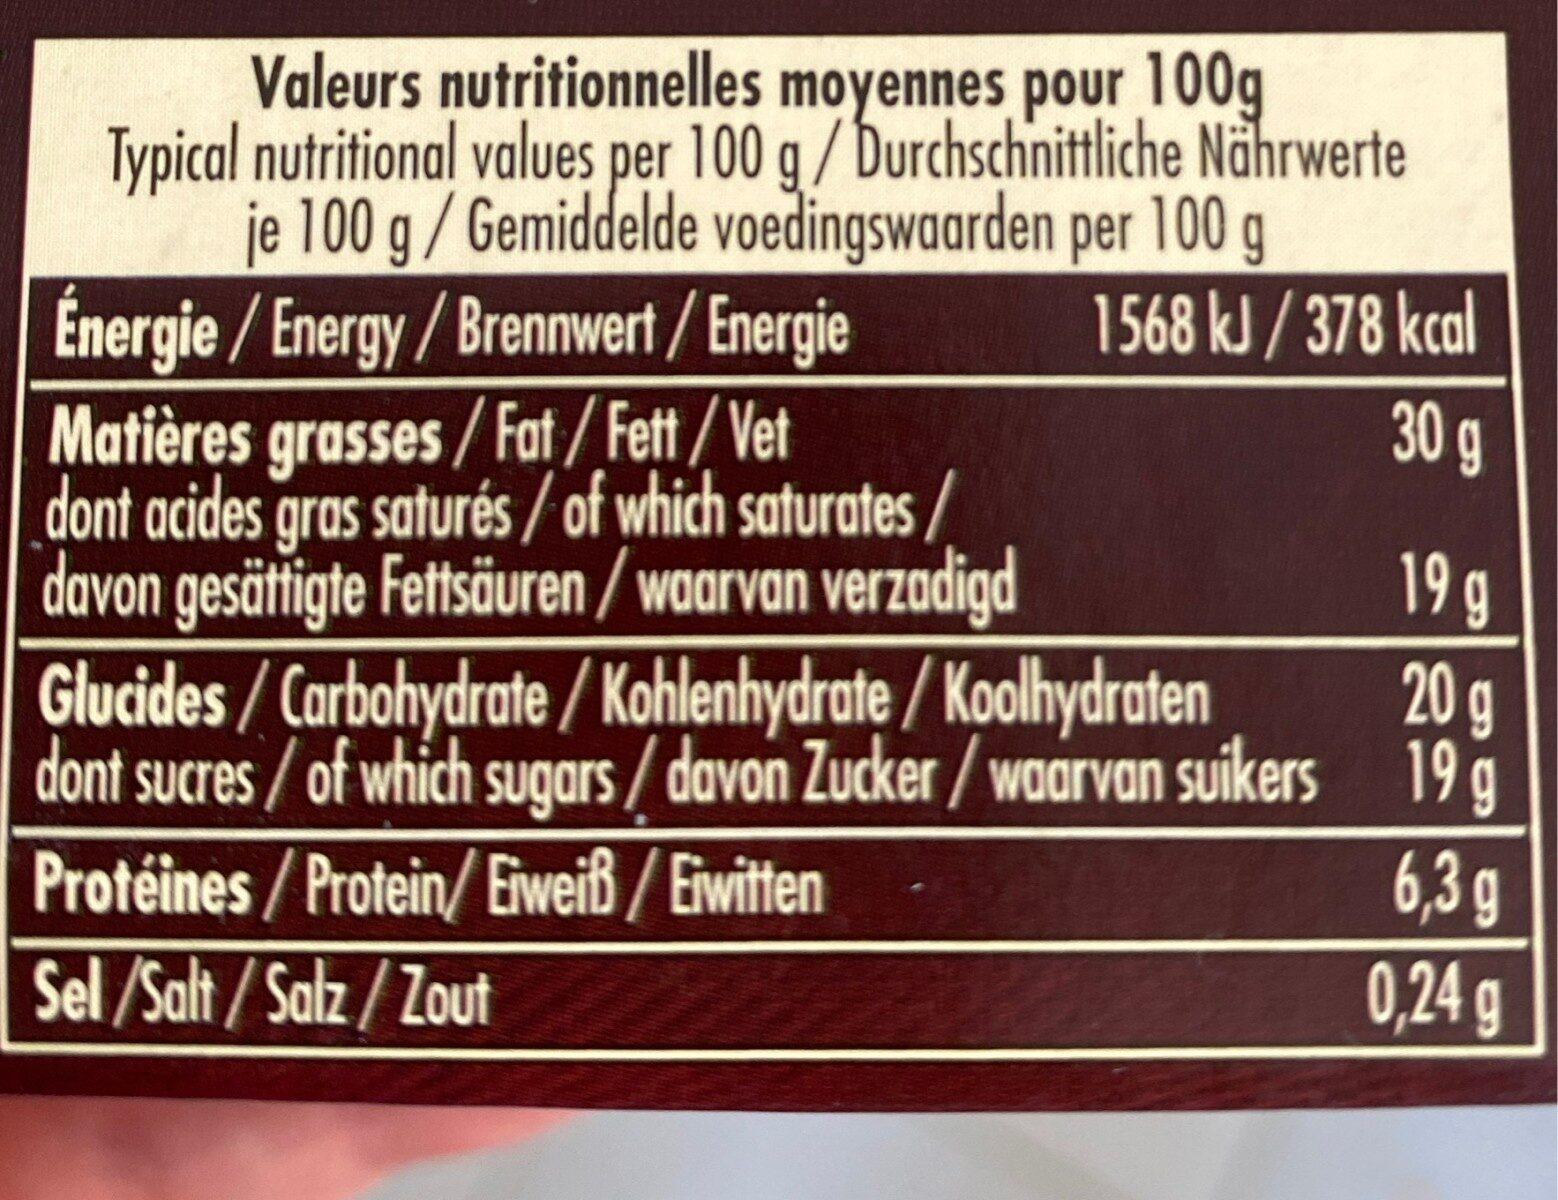 Mousse au chocolat au lait - Voedingswaarden - fr